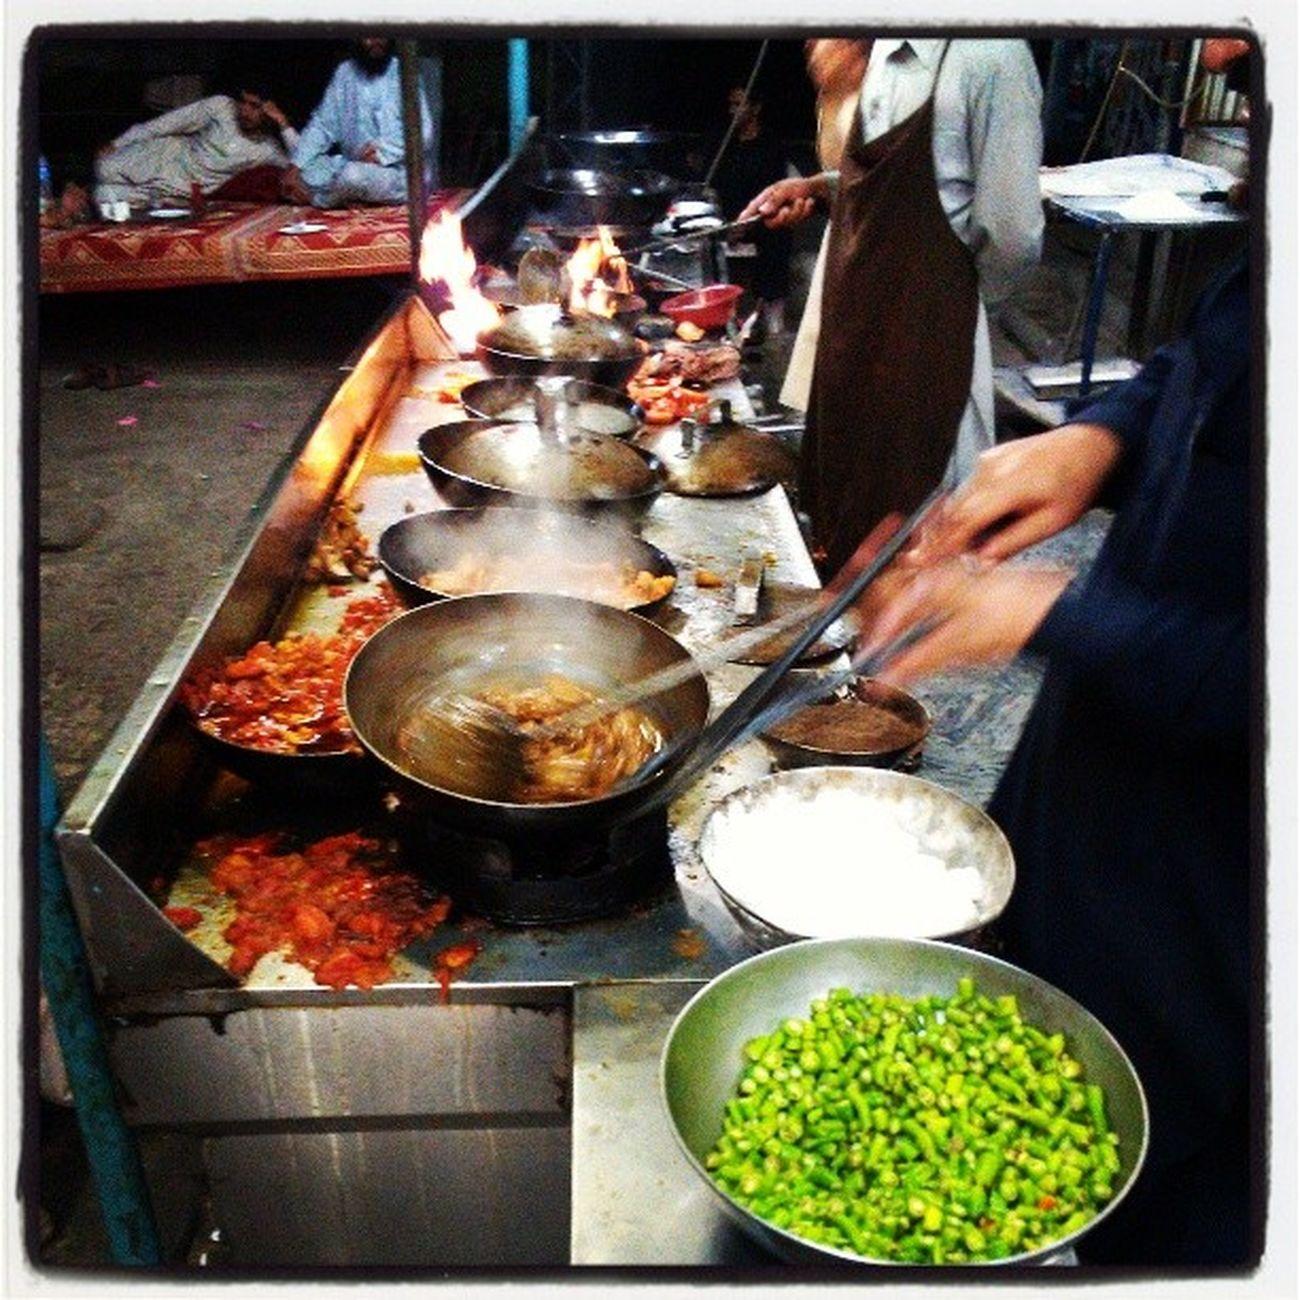 Rawalpindi Live Cooking Karhai instafood dinner discover Pakistan